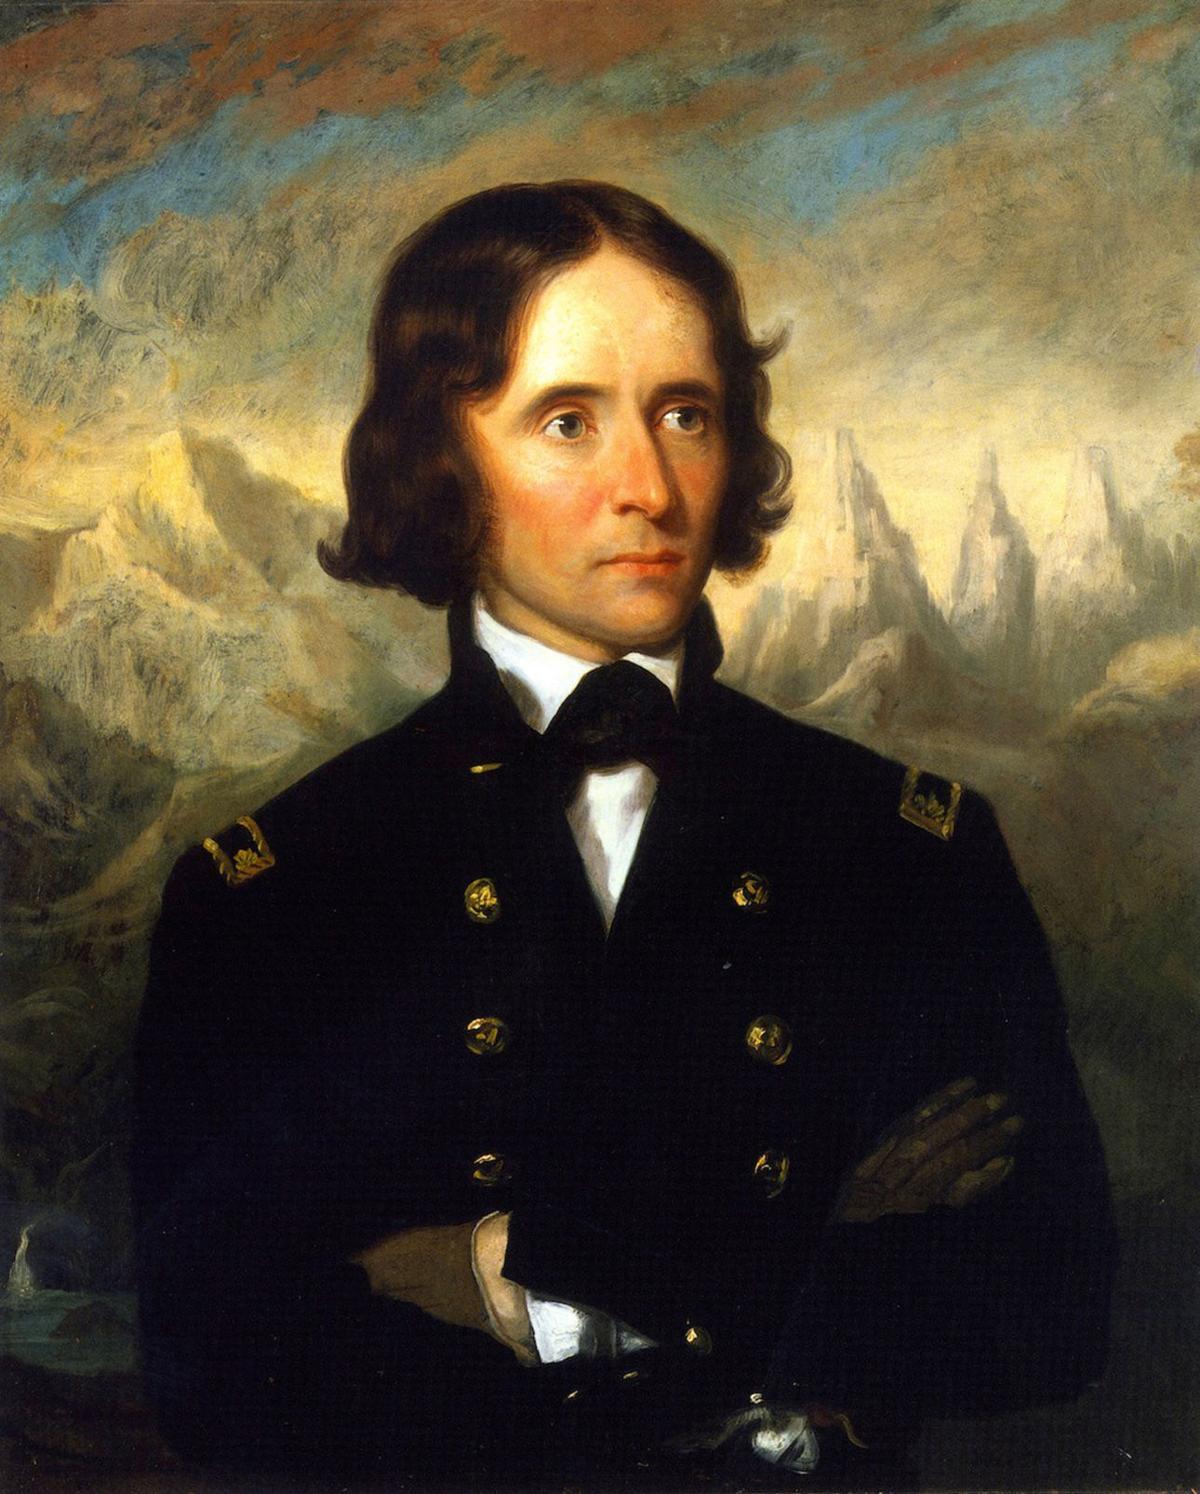 John Fremont painting